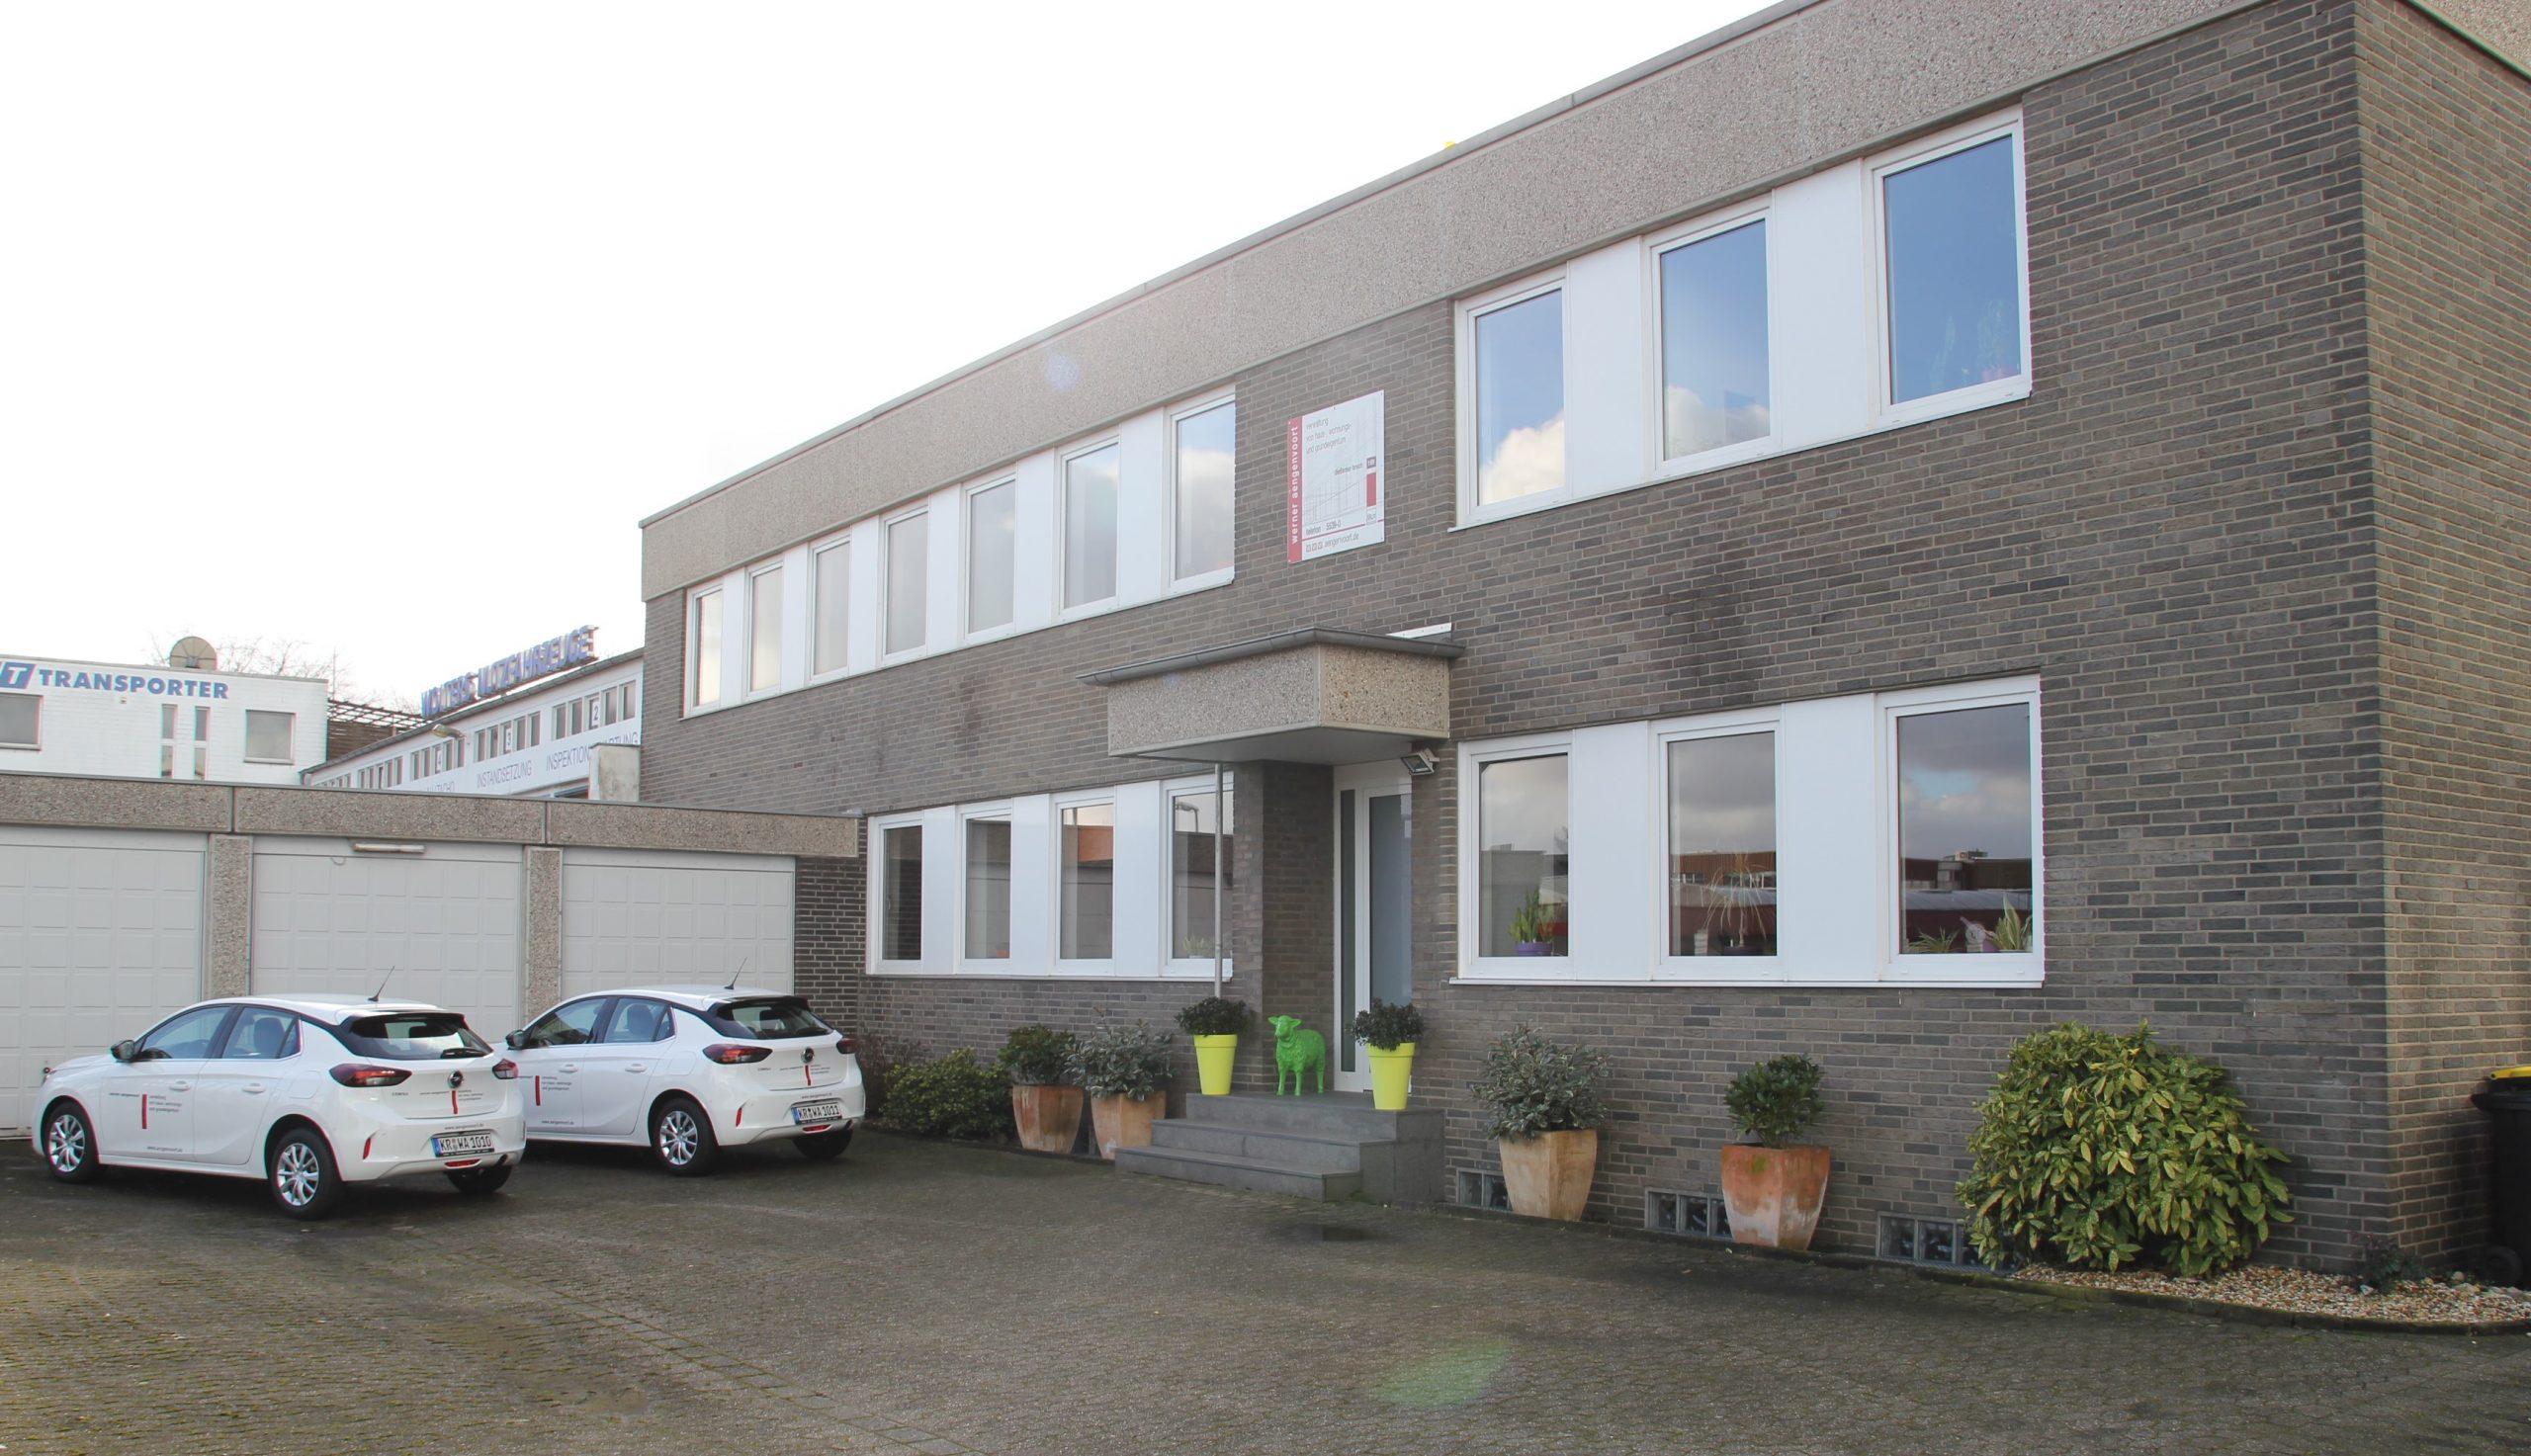 Hausverwaltung Krefeld Aengenvoort